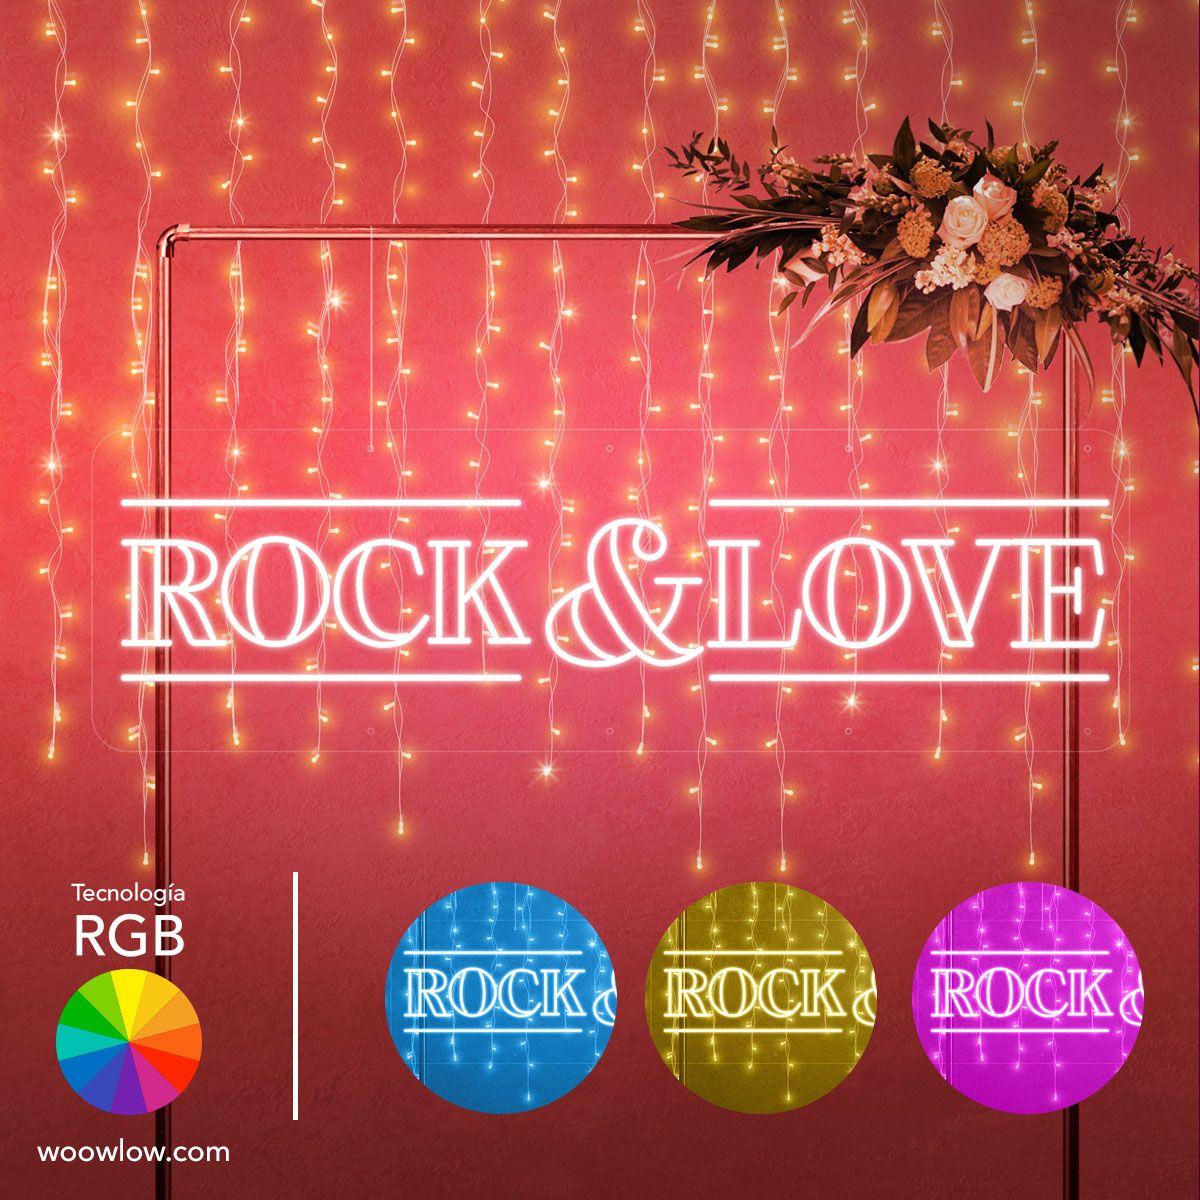 Alquilar Tu Casa Para Porno 185€ alquiler de neón para bodas con la frase 'rock & love